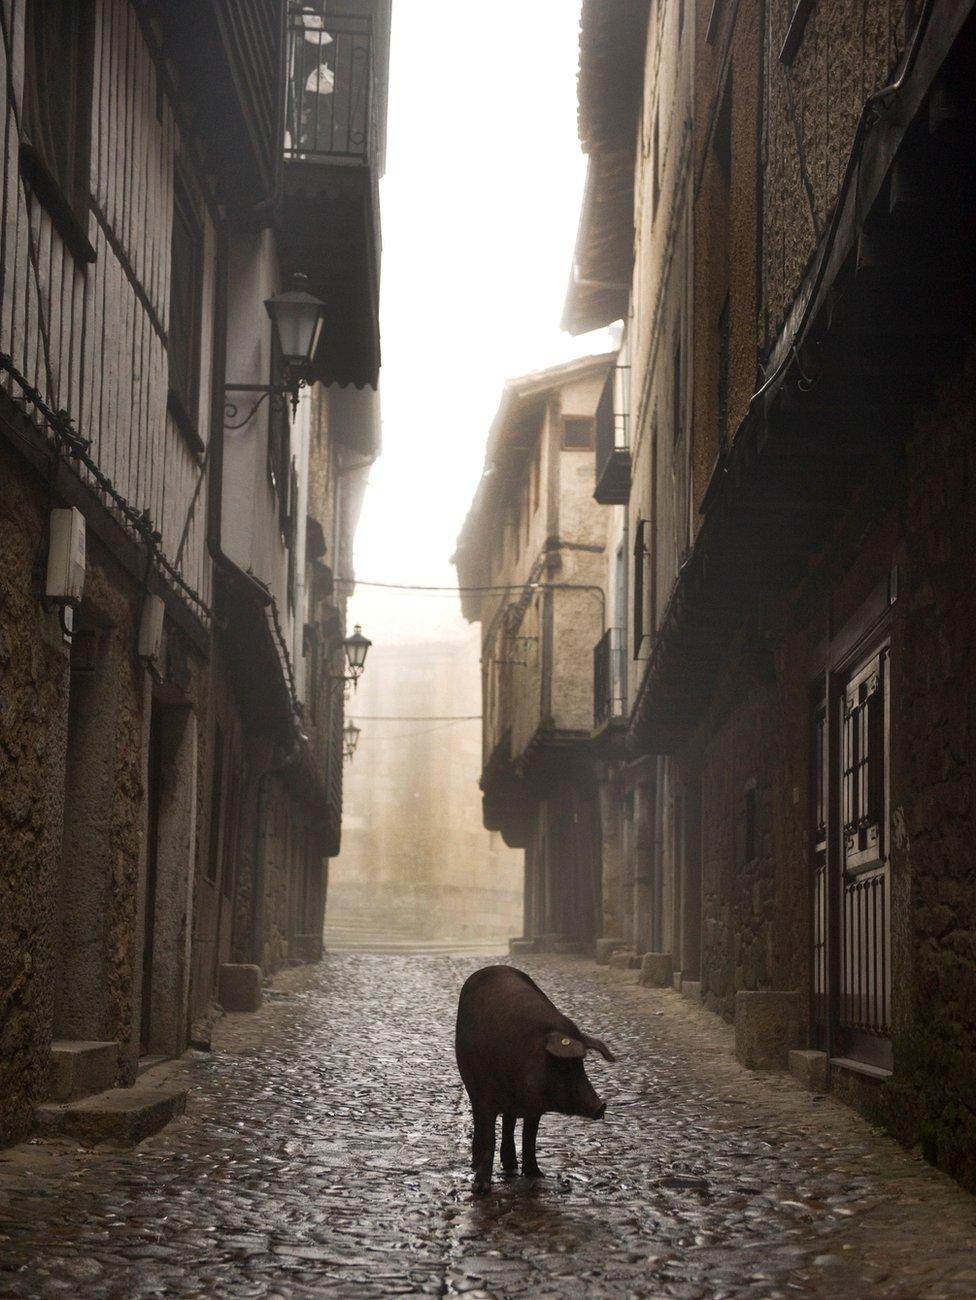 A pig an a passage